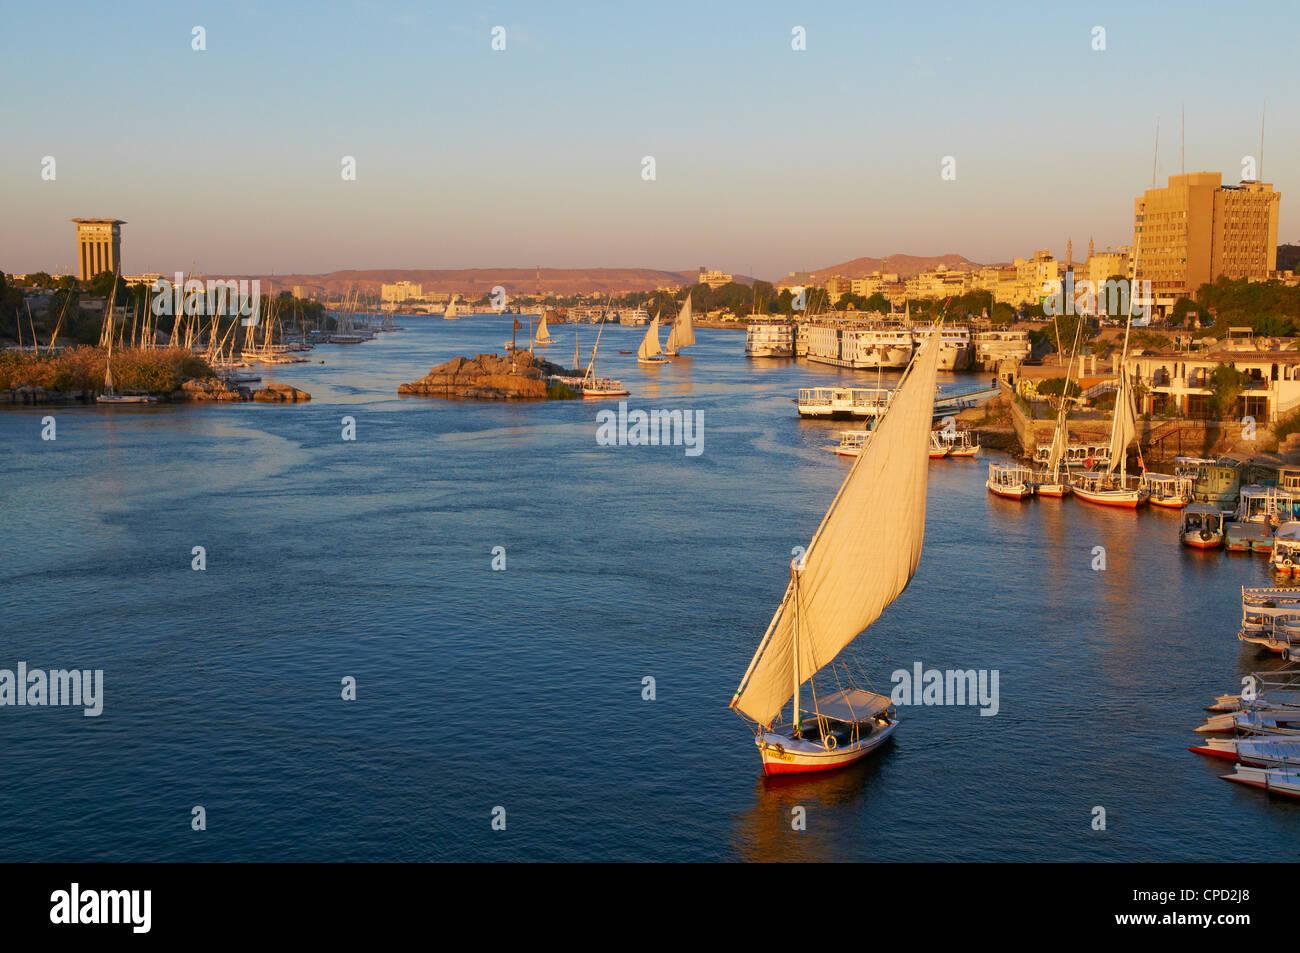 Feluche sul Fiume Nilo, Aswan, Egitto, Africa Settentrionale, Africa Immagini Stock